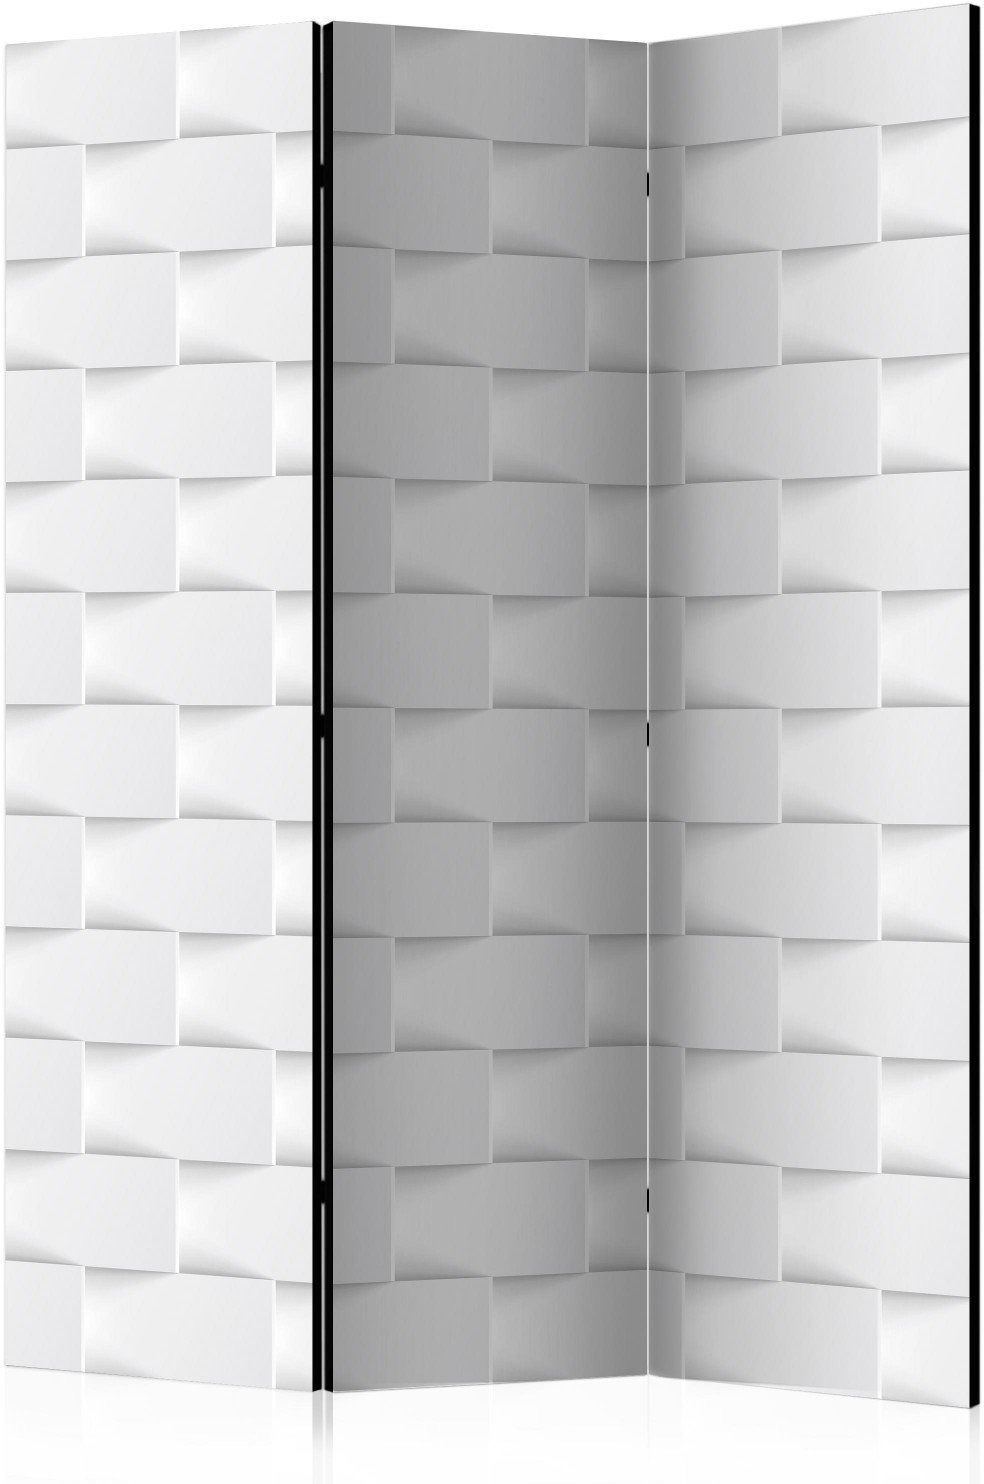 Parawan 3-częściowy - abstrakcyjny parawan [room dividers]